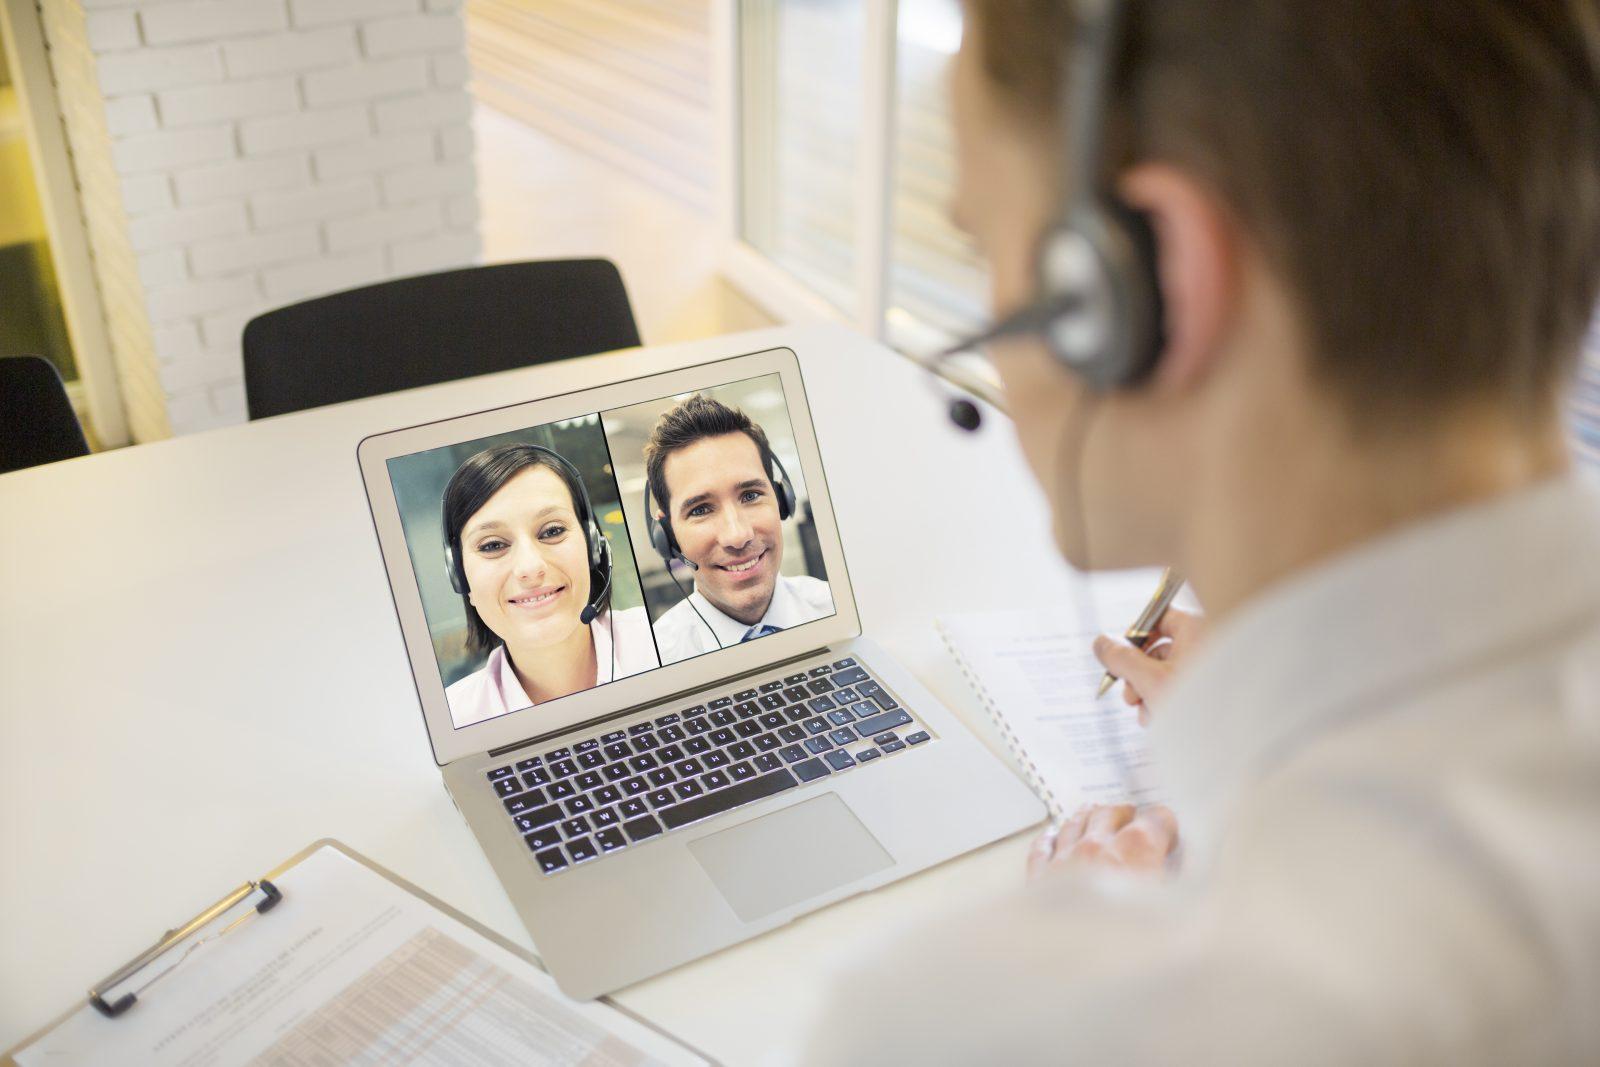 Près de 600 emplois seront offerts dans un salon virtuel